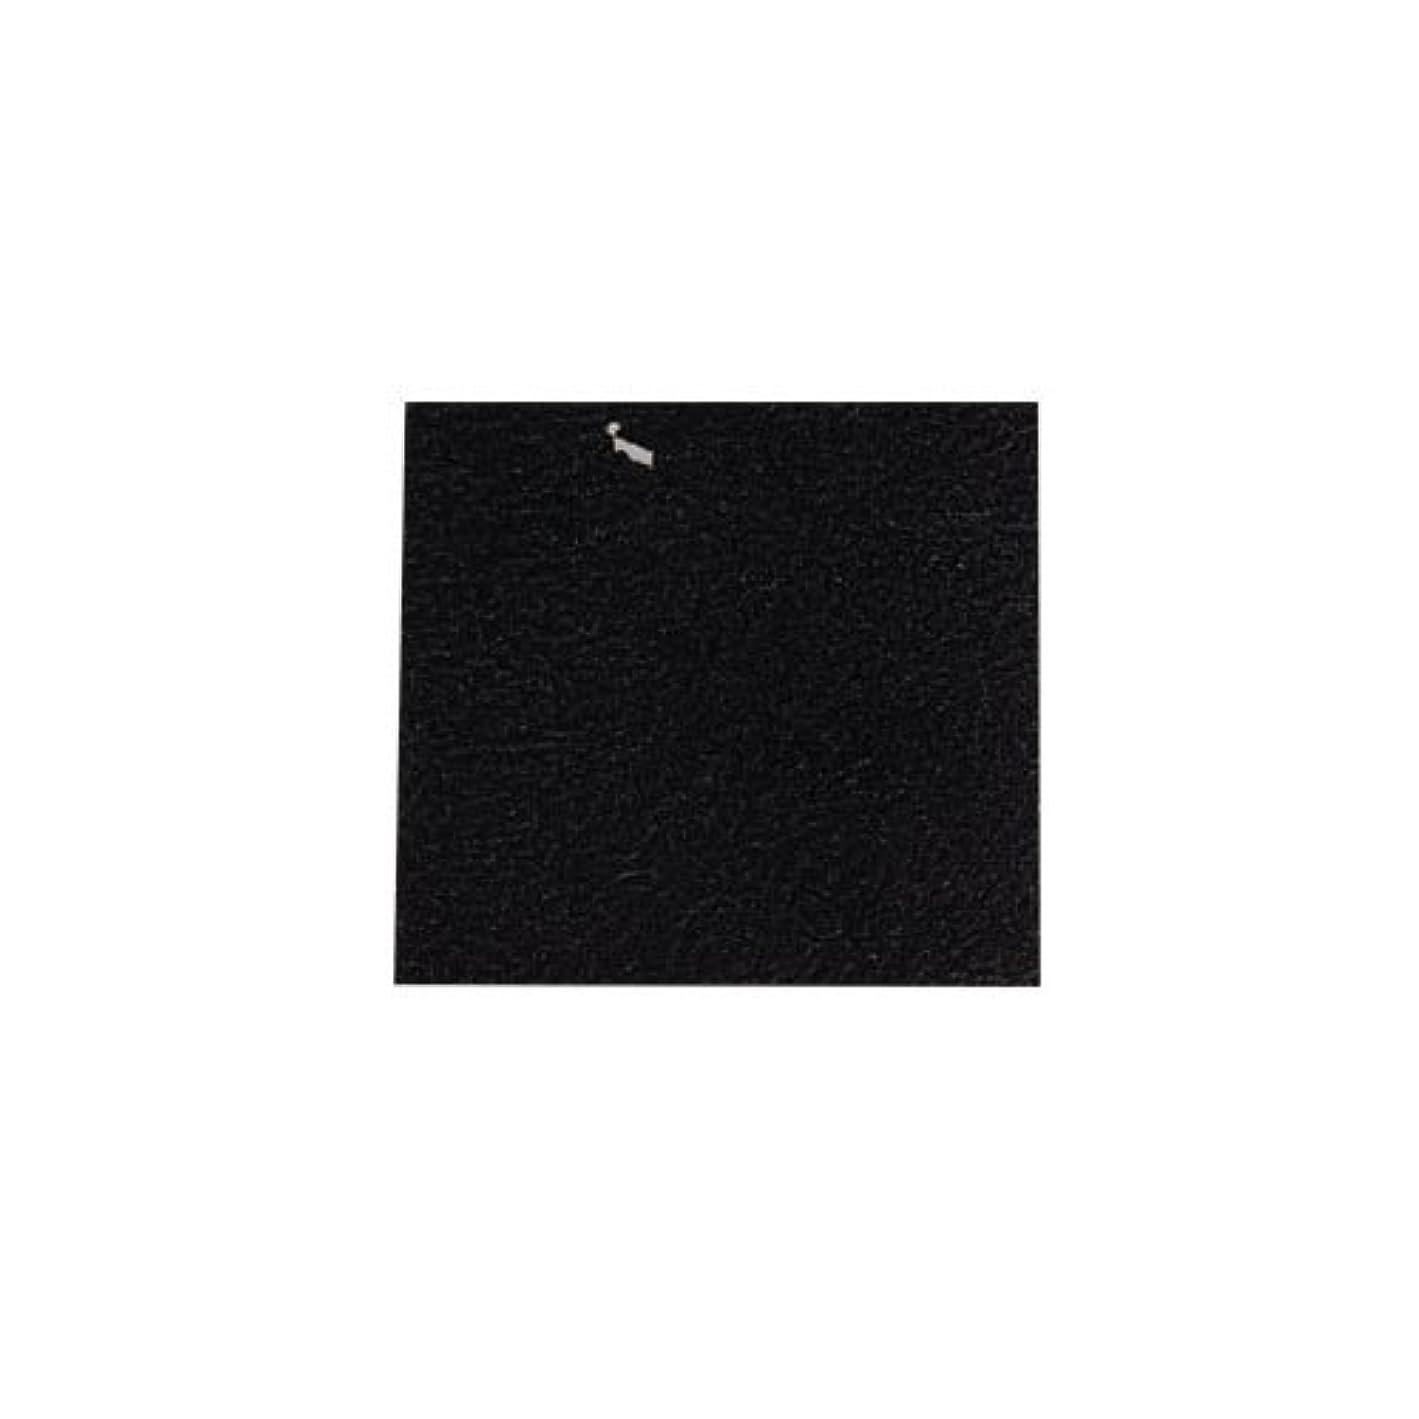 放送火薬条件付きピカエース ネイル用パウダー カラー純銀箔 #620 黒色 3.5㎜角×5枚